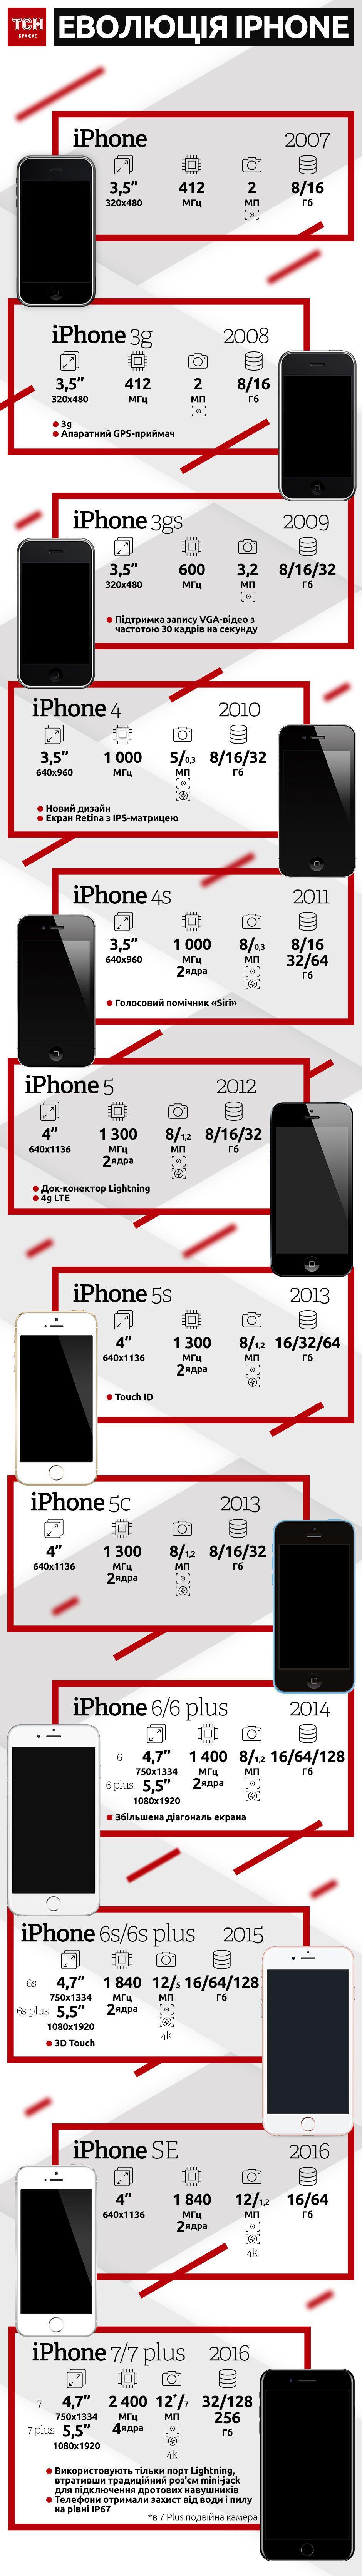 Еволюція iPhone. Інфографіка